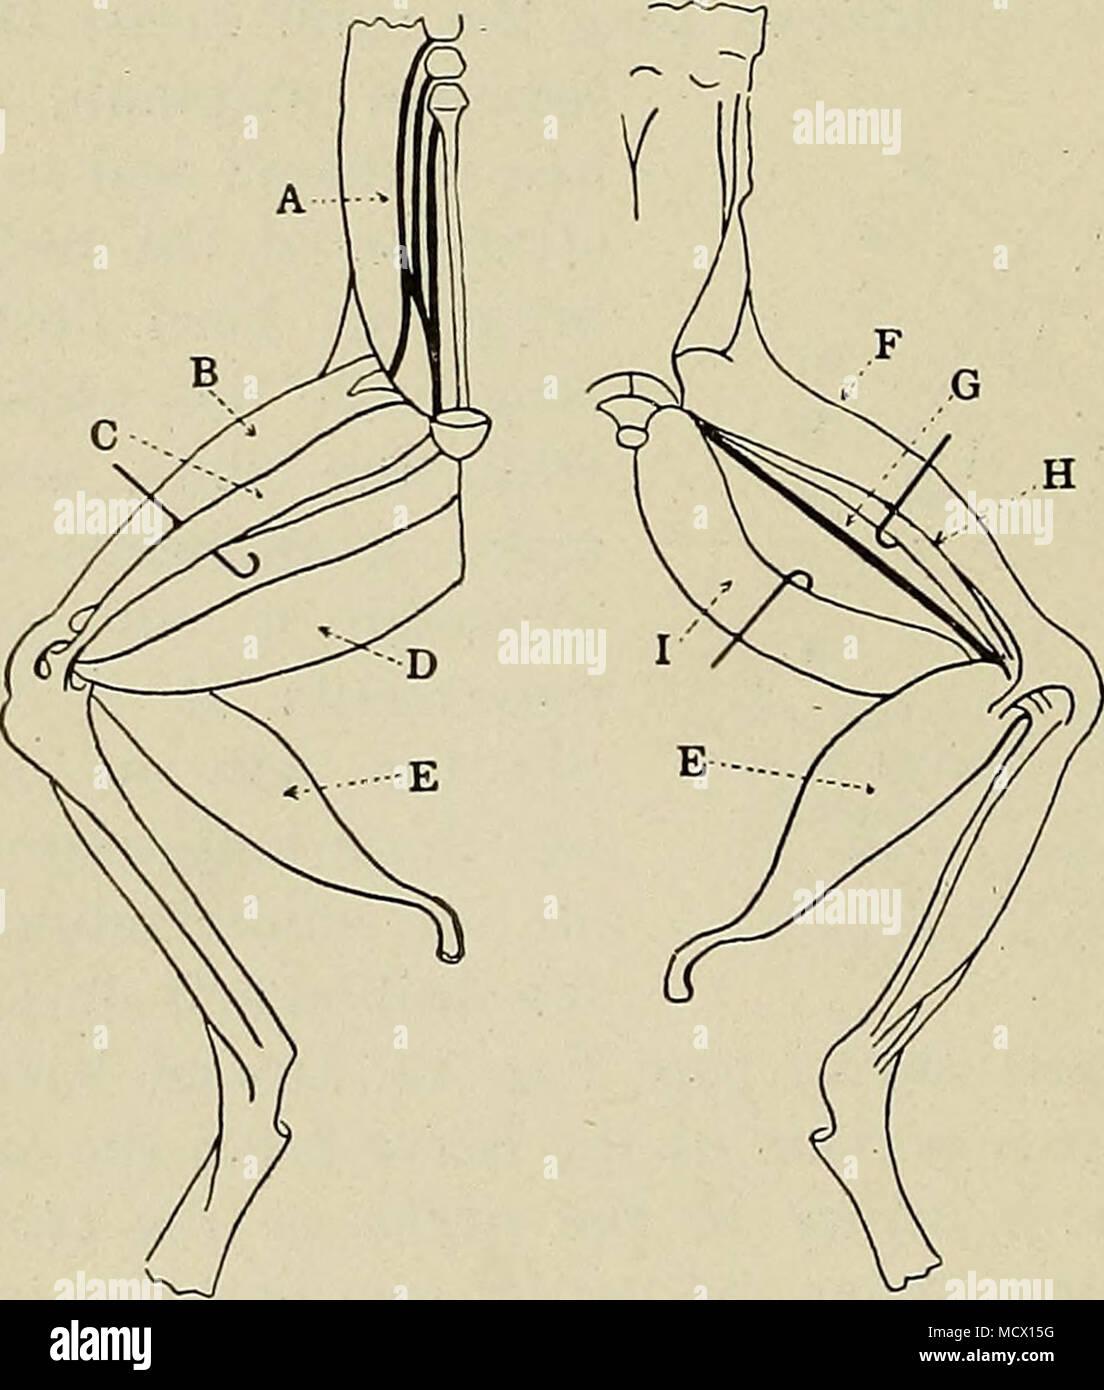 Ziemlich Bauch Oberflächenanatomie Zeitgenössisch - Menschliche ...